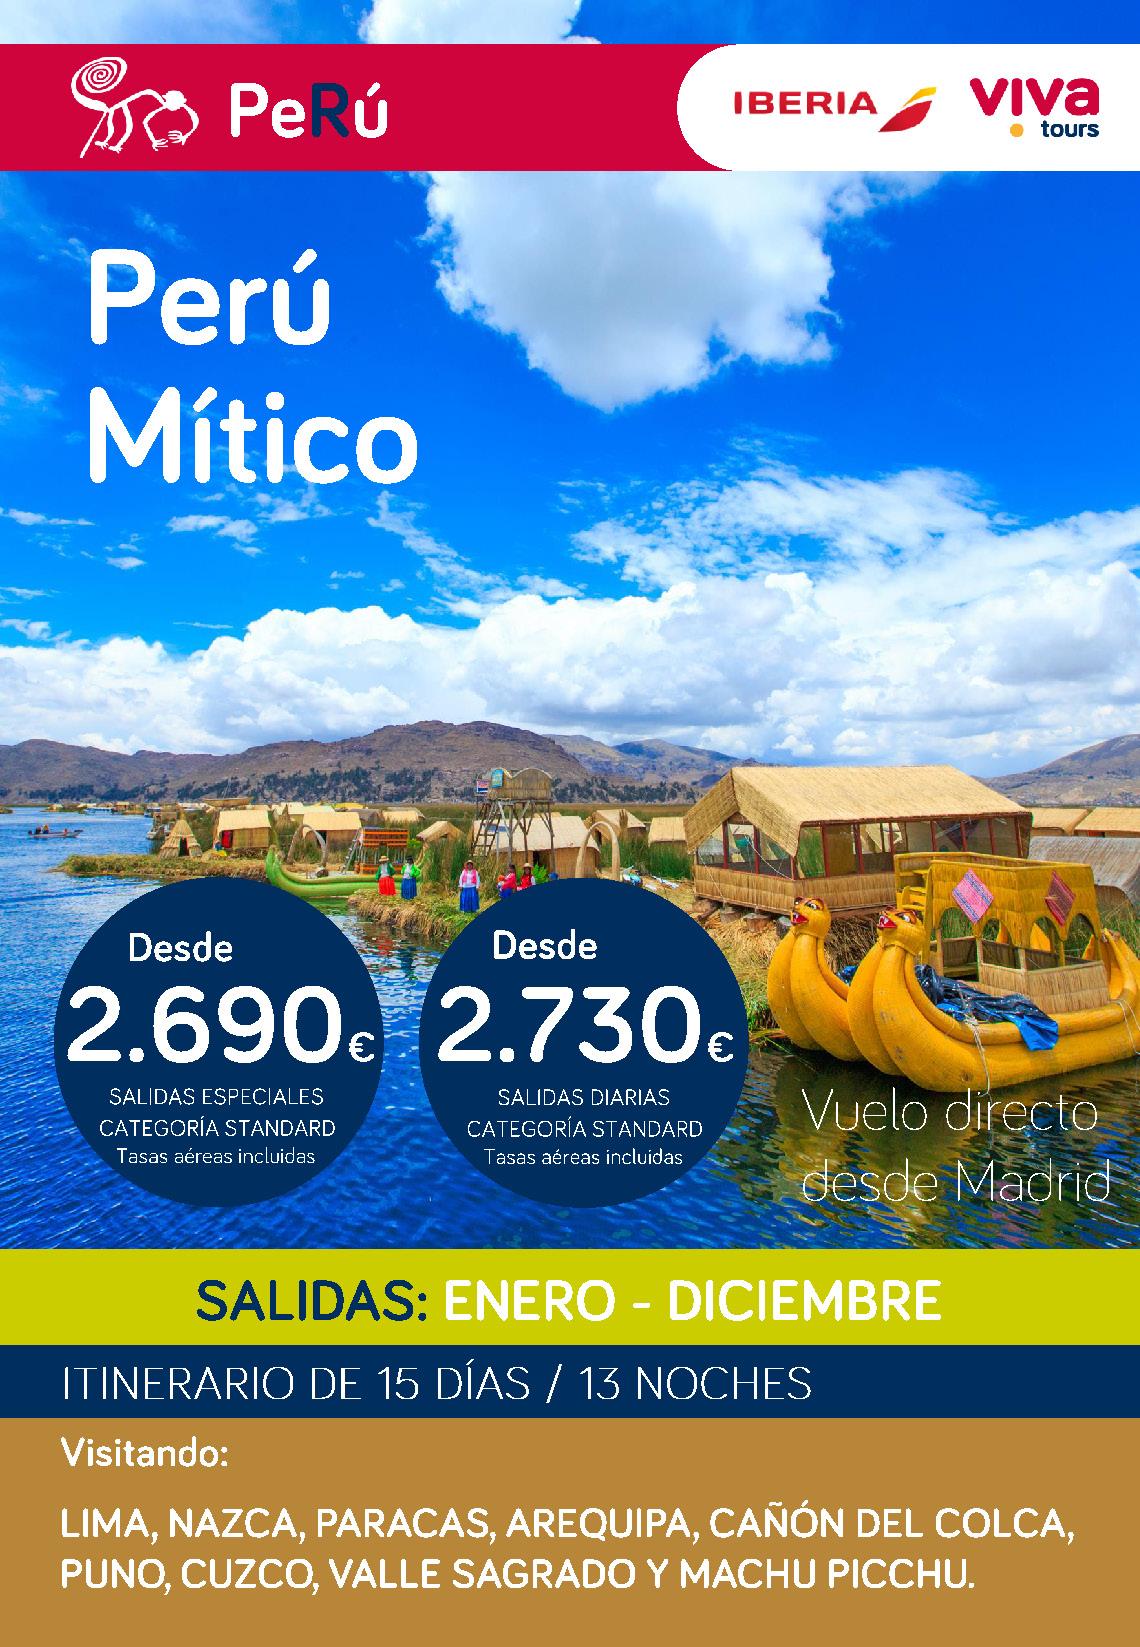 Oferta Viva Tours Peru Mitico Diciembre 2019 Enero 2020